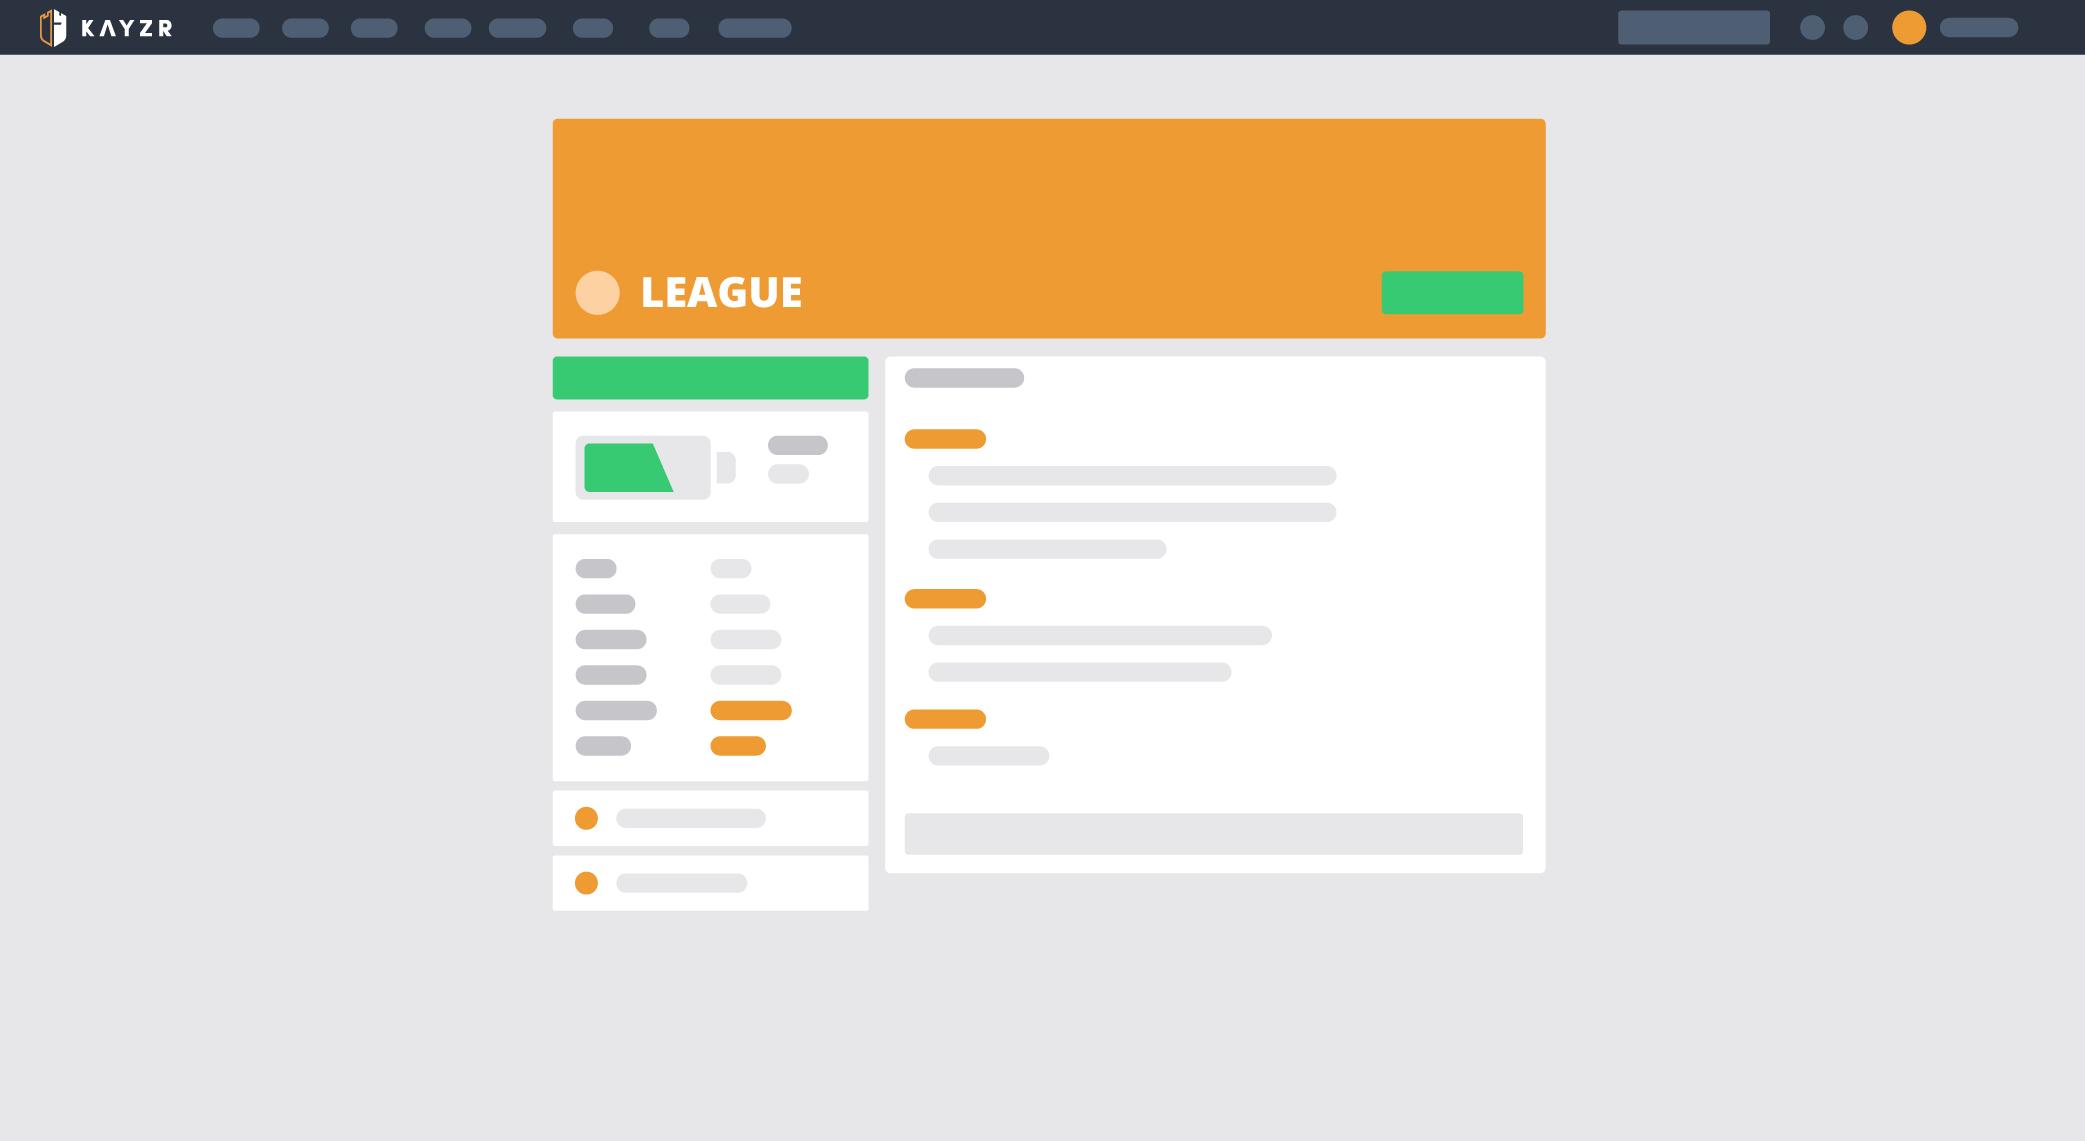 league page